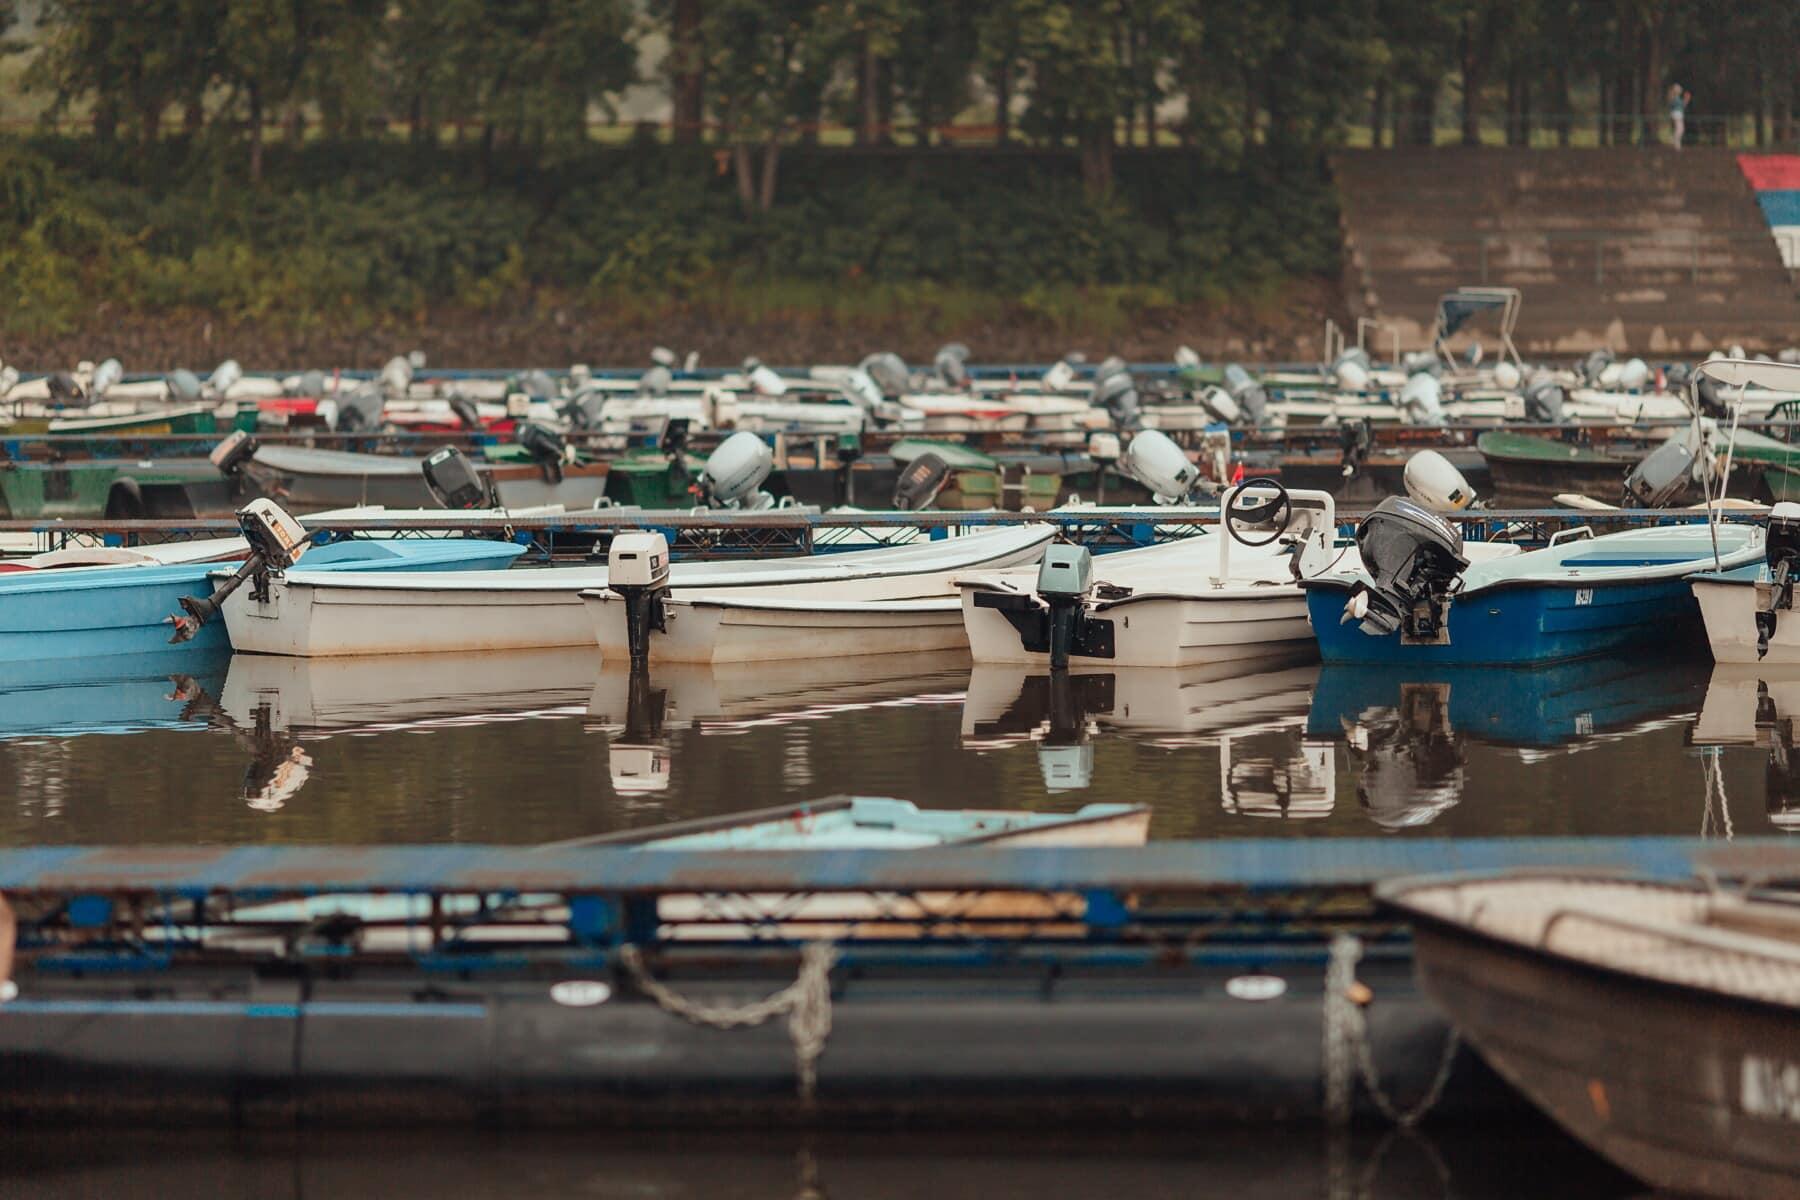 Flussufer, Fluss, Hafen, Boote, Angelboot/Fischerboot, Wasser, Boot, Marina, Wasserfahrzeuge, Fahrzeug